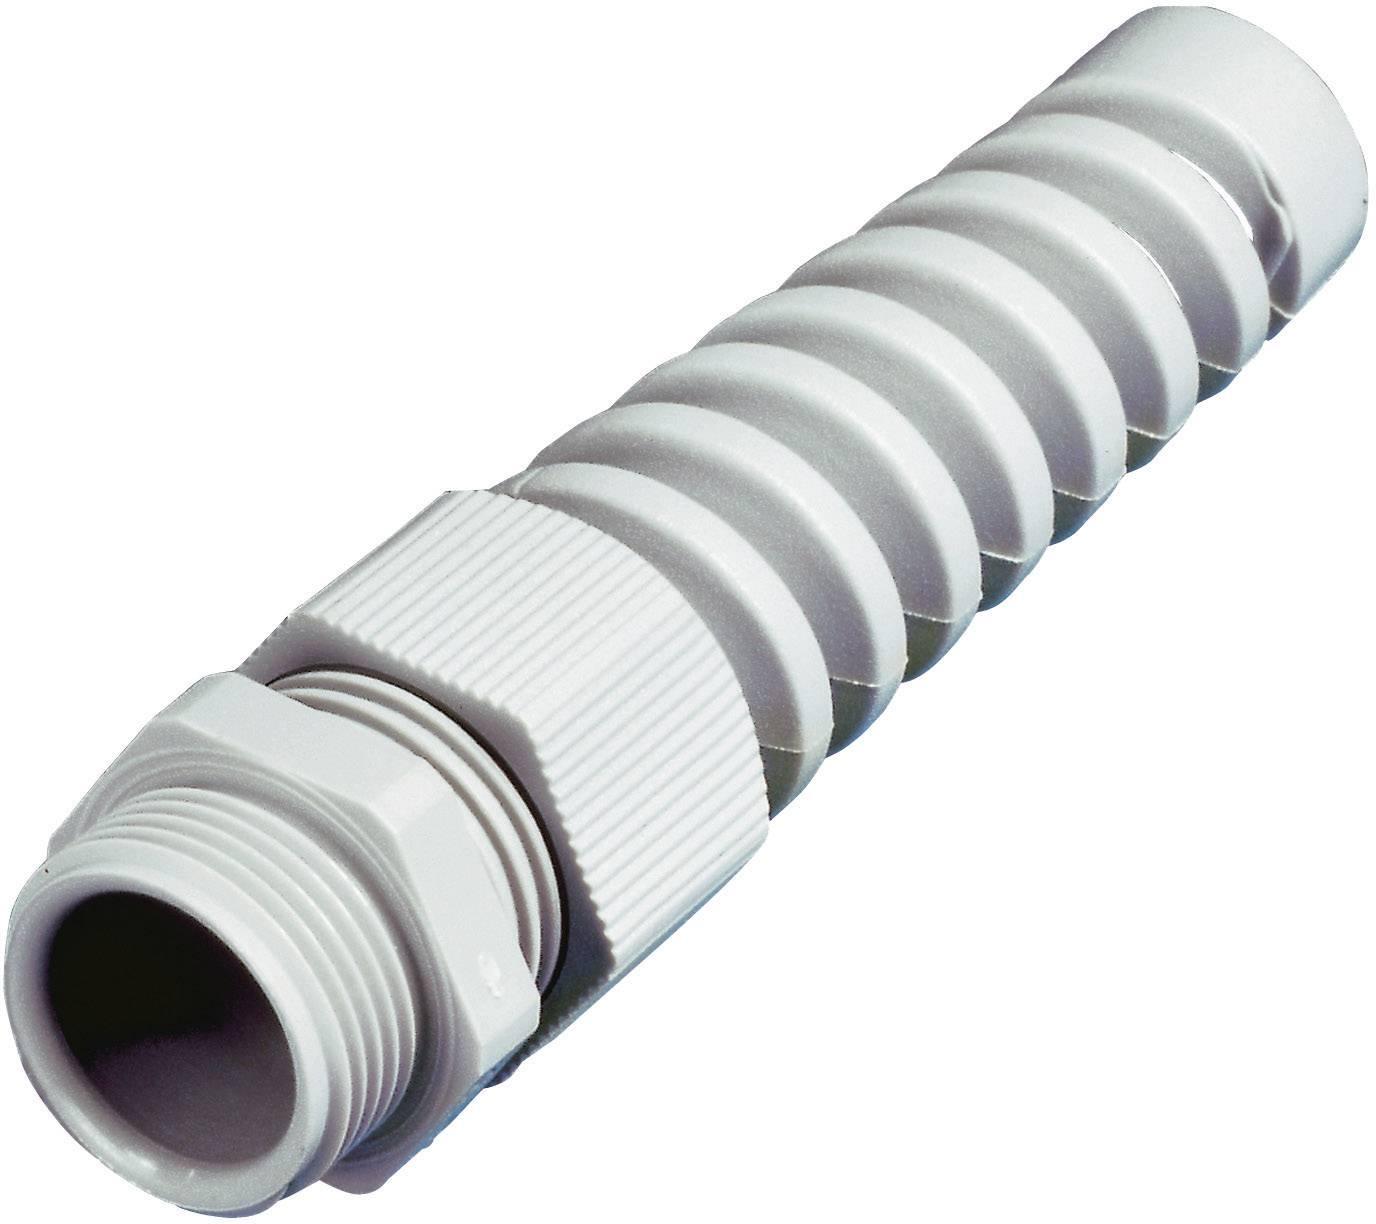 Káblová priechodka Wiska ESKVS M25 RAL 7035, polyamid, svetlo sivá, 1 ks